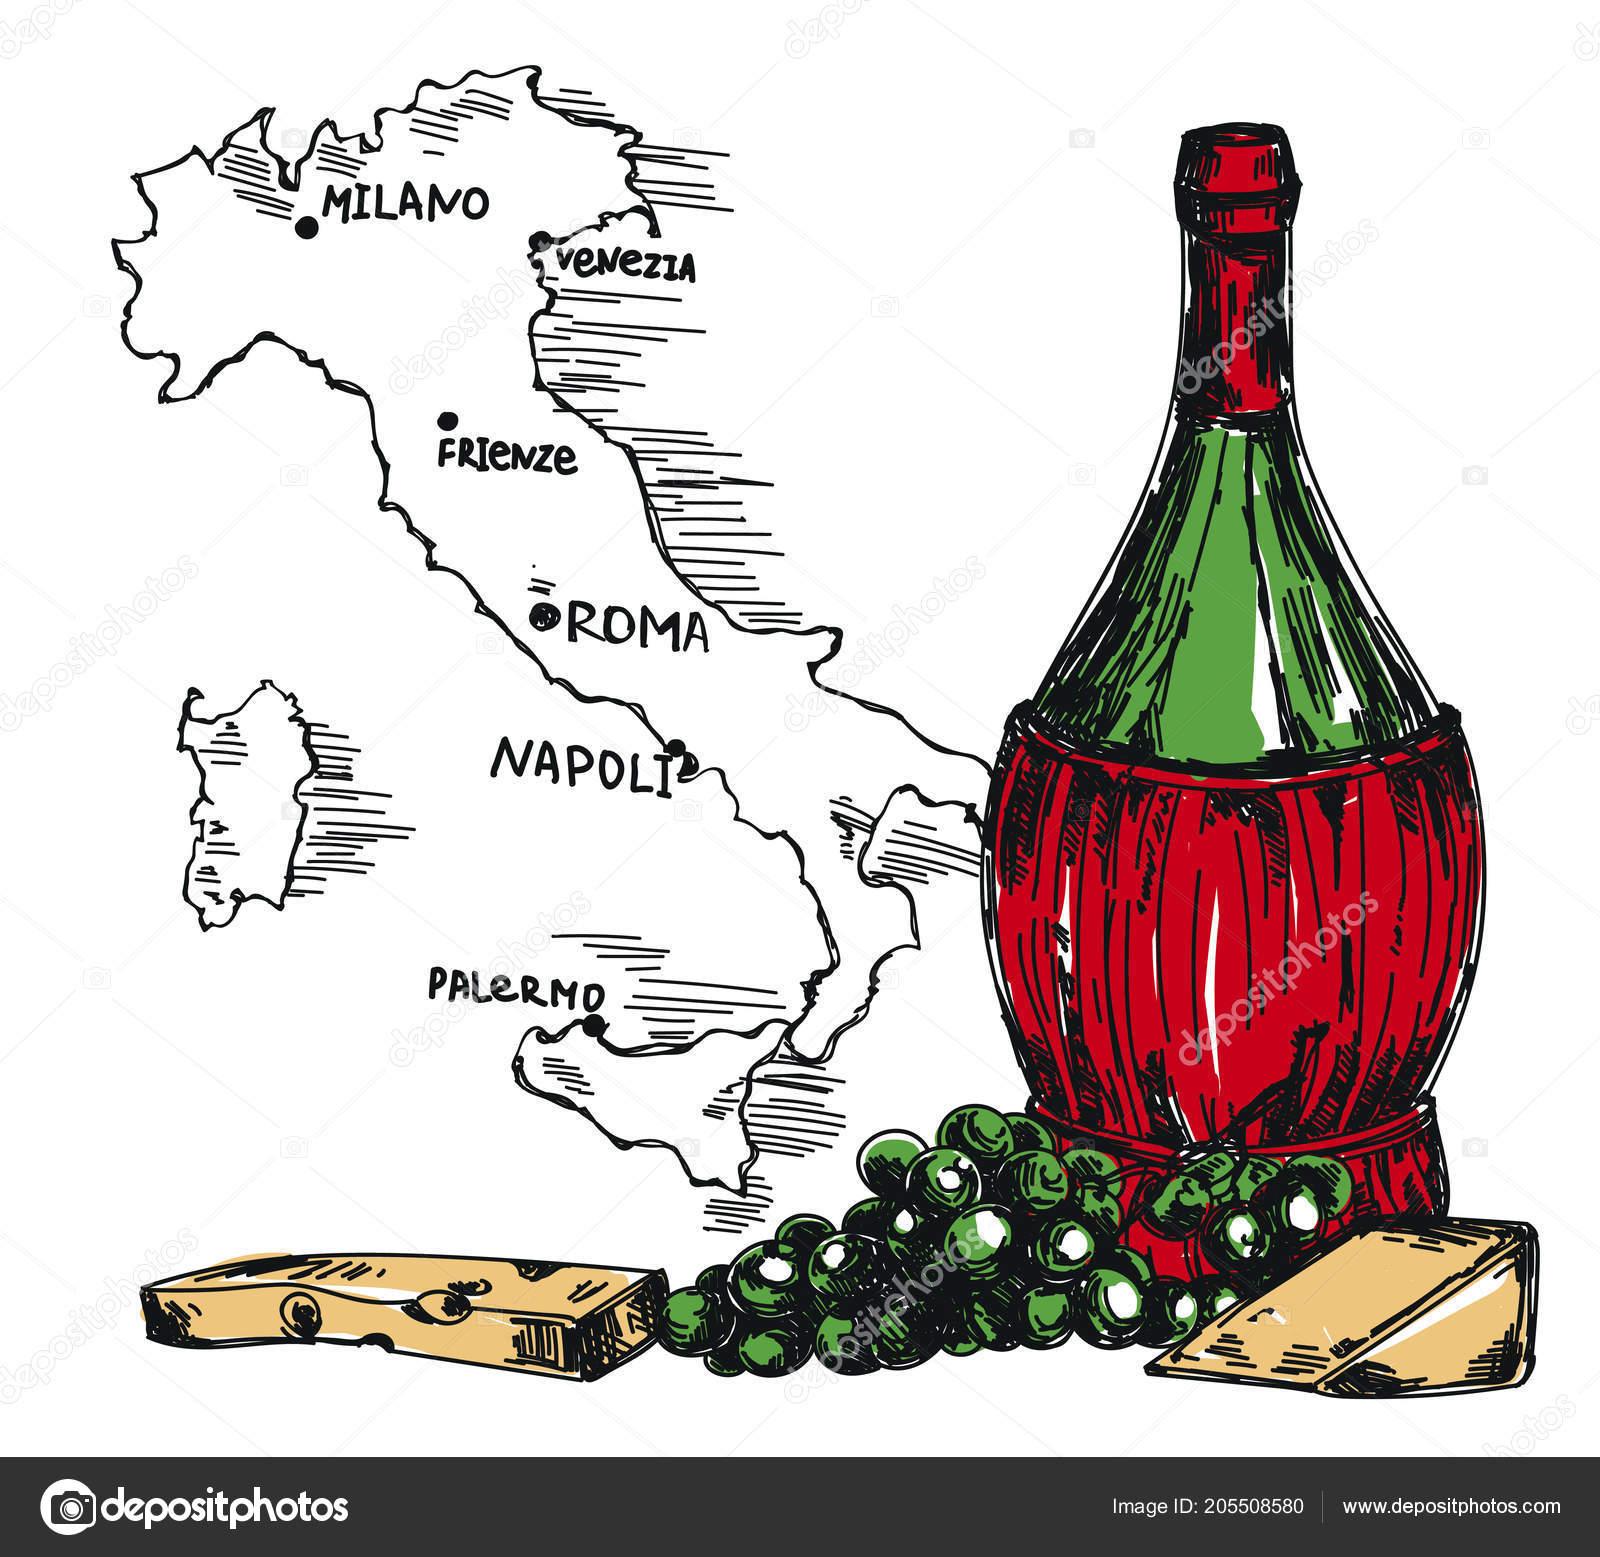 Karta Italien Chianti.Kort Med Gammaldags Vinflaska Och Italien Karta Chianti Flaska